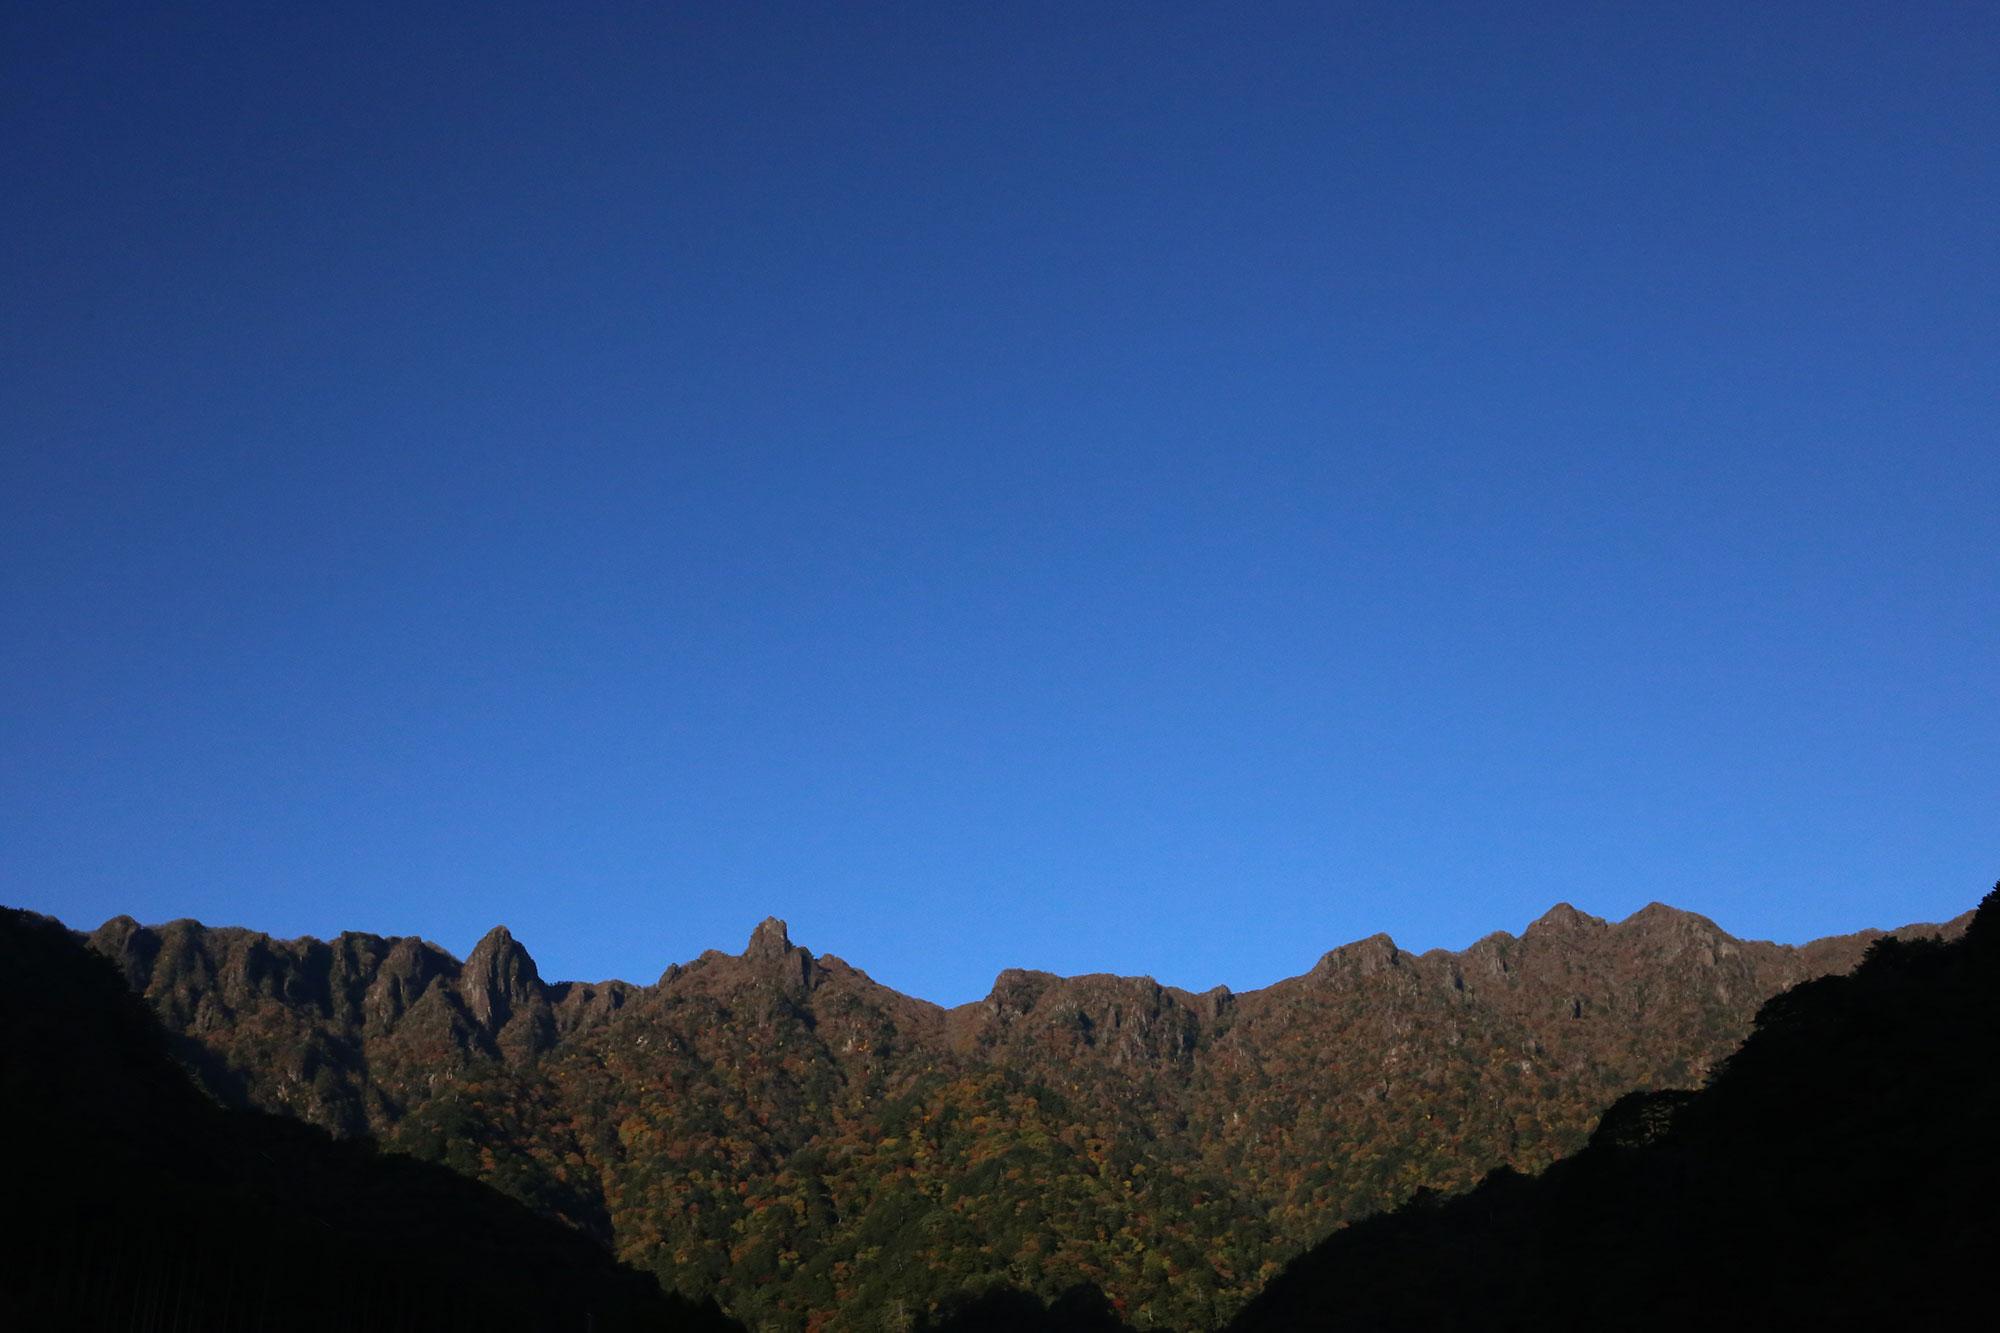 尾平登山口付近から眺める風景